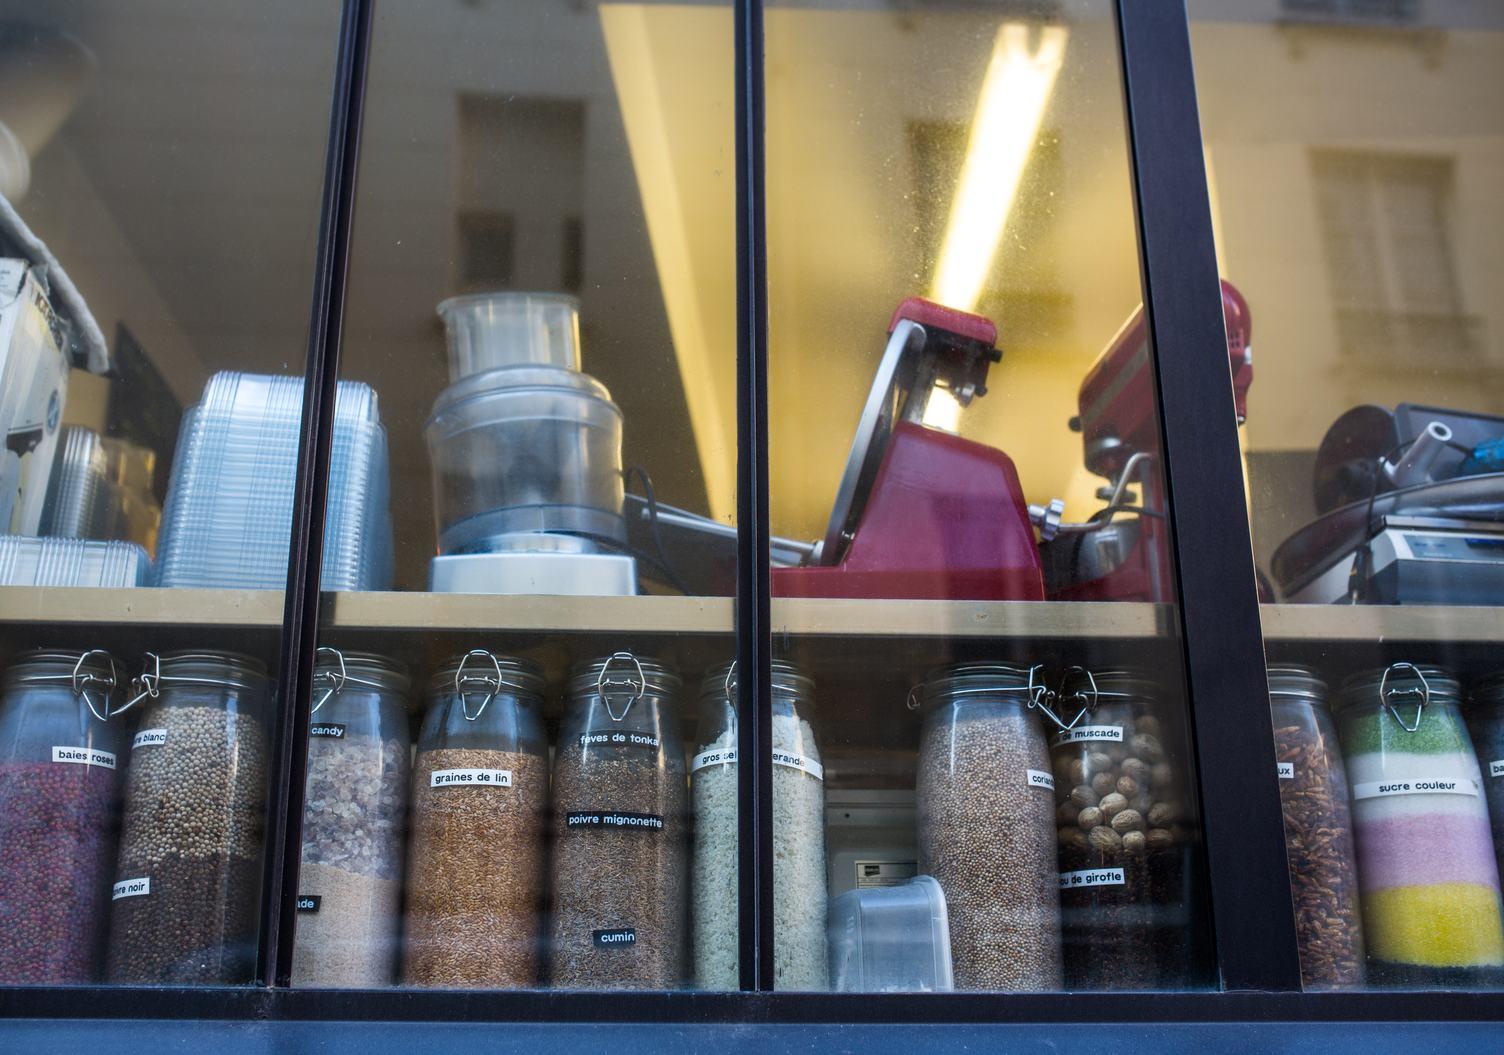 Restaurant Kitchen Window with Ingredients in Jars